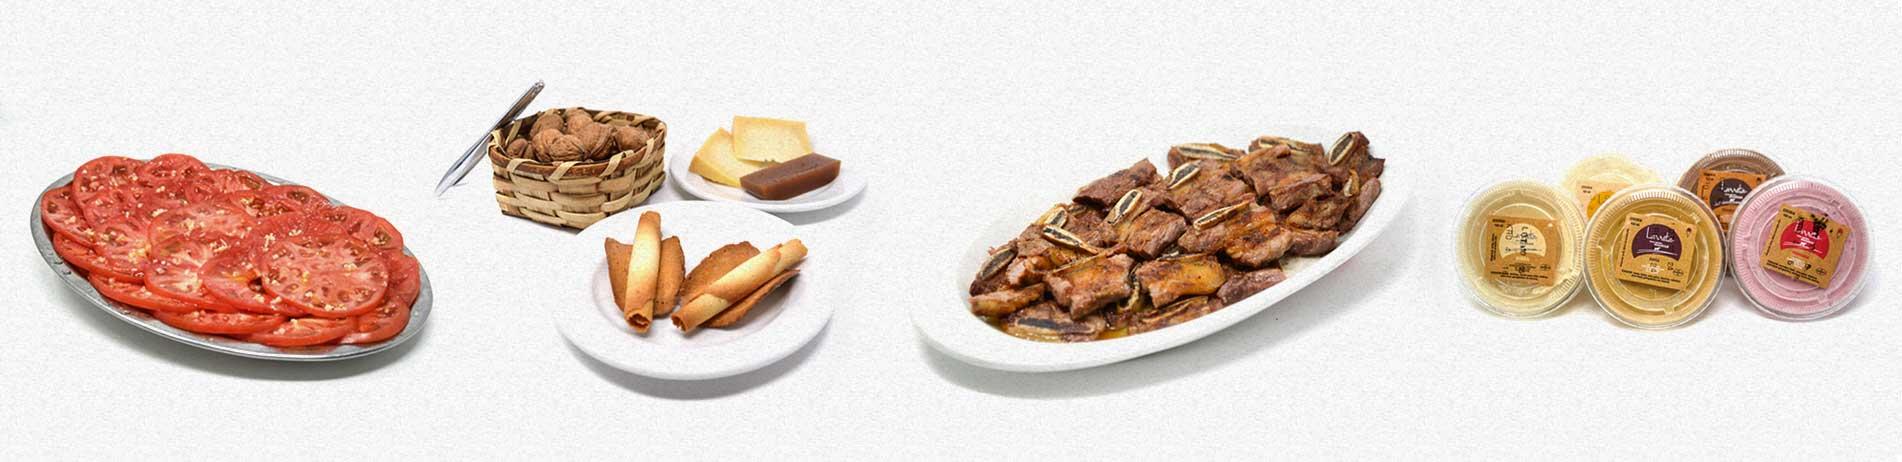 lizeaga menu sidreria